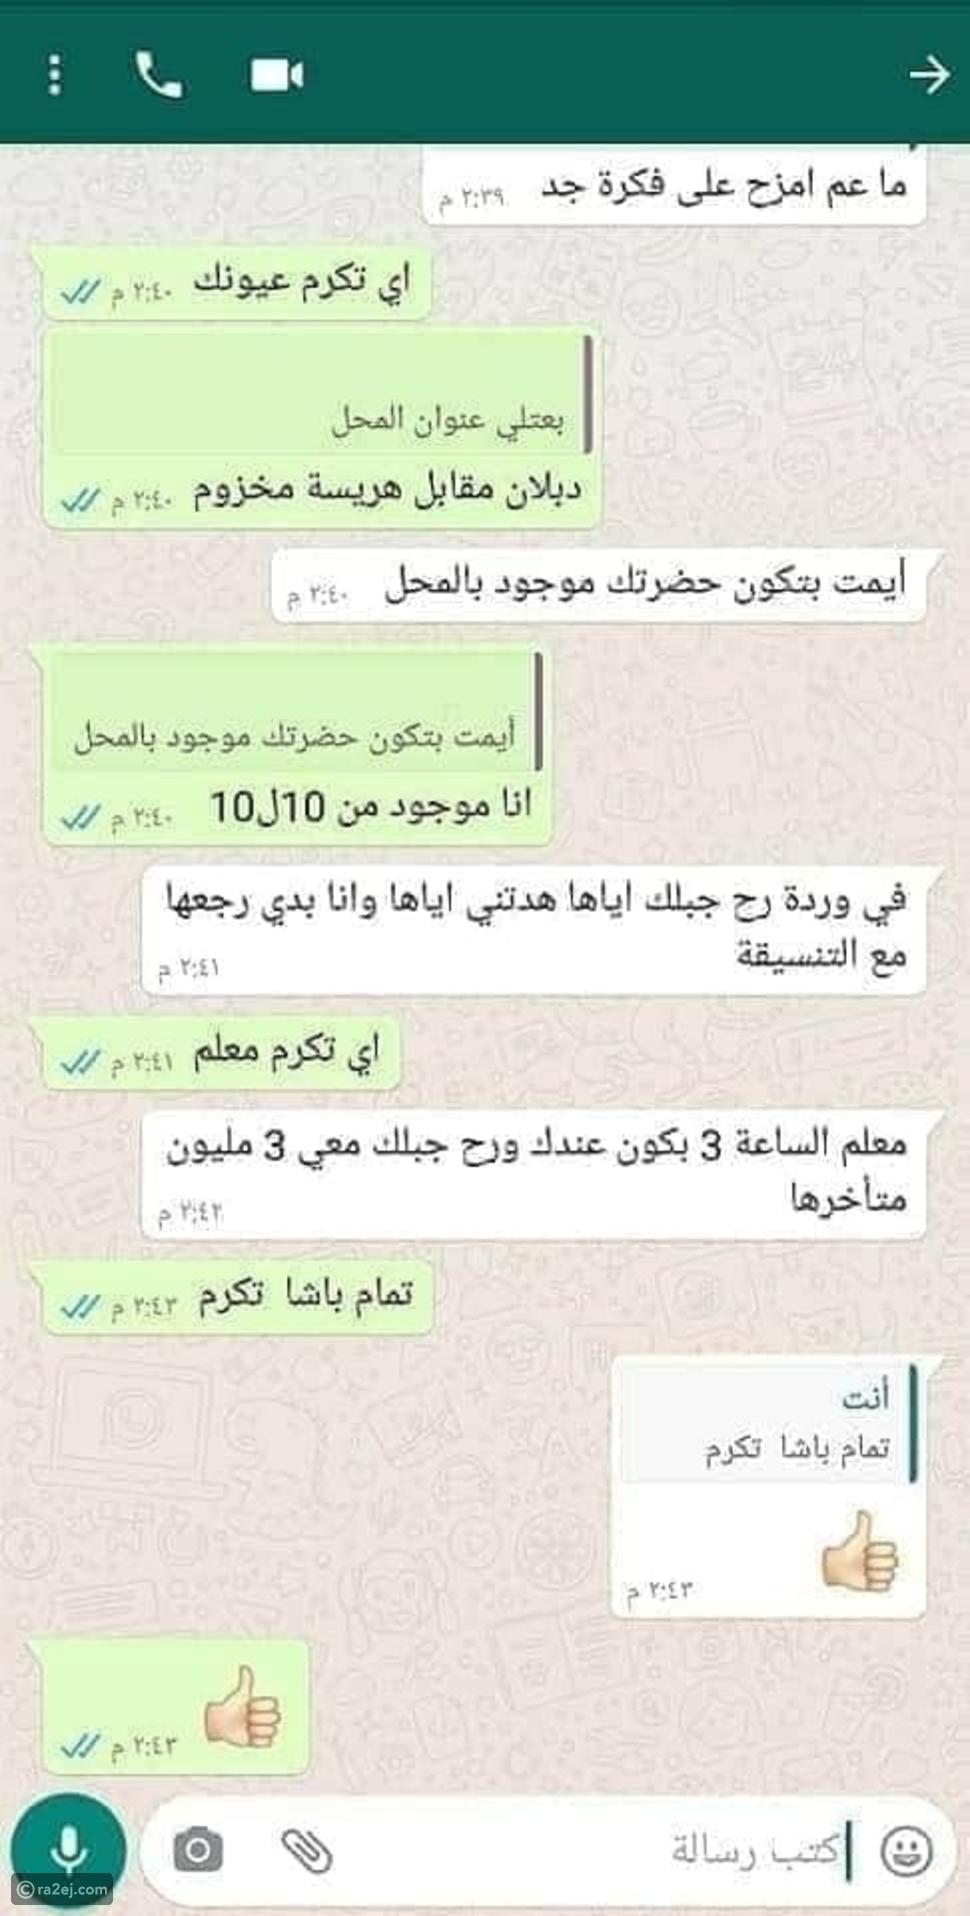 صور: شاب سوري يُطلق زوجته بأكثر طريقة رومانسية على الإطلاق